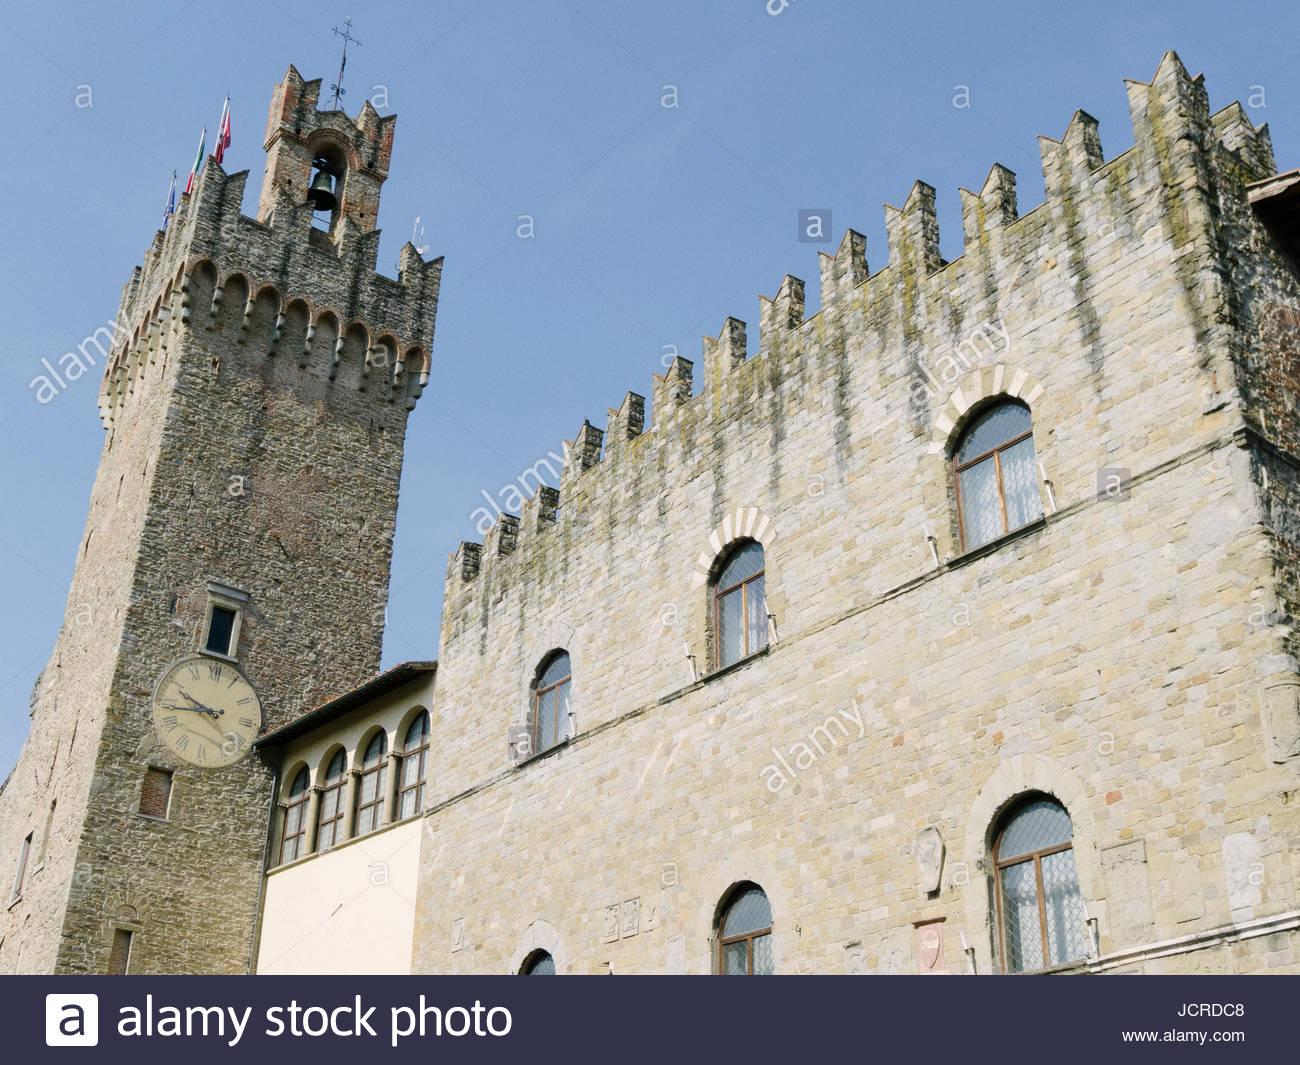 A chapel in Piazza Della Liberta in Arezzo. Stock Photo